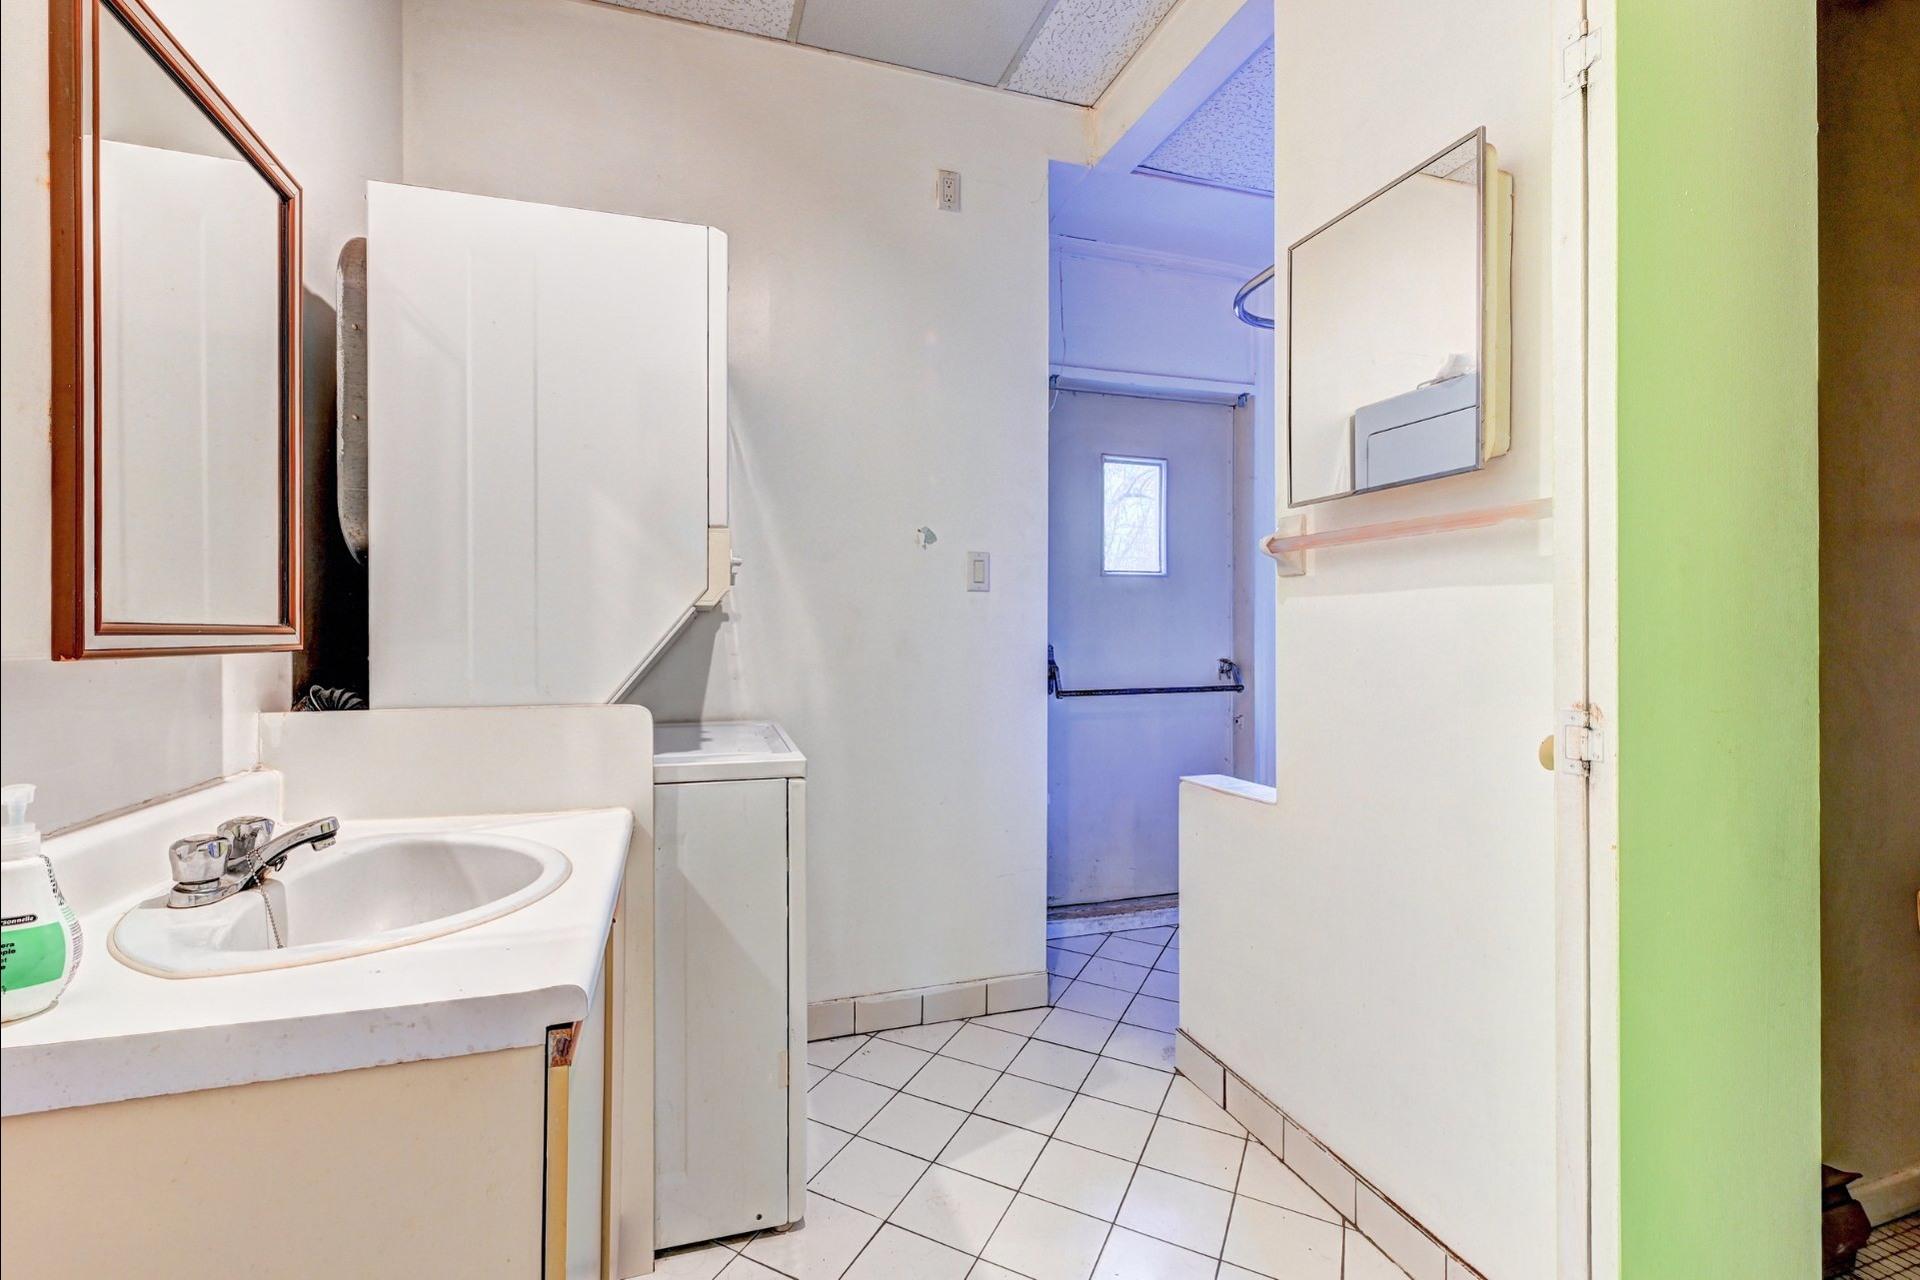 image 22 - Quadruplex For sale Ville-Marie Montréal  - 4 rooms